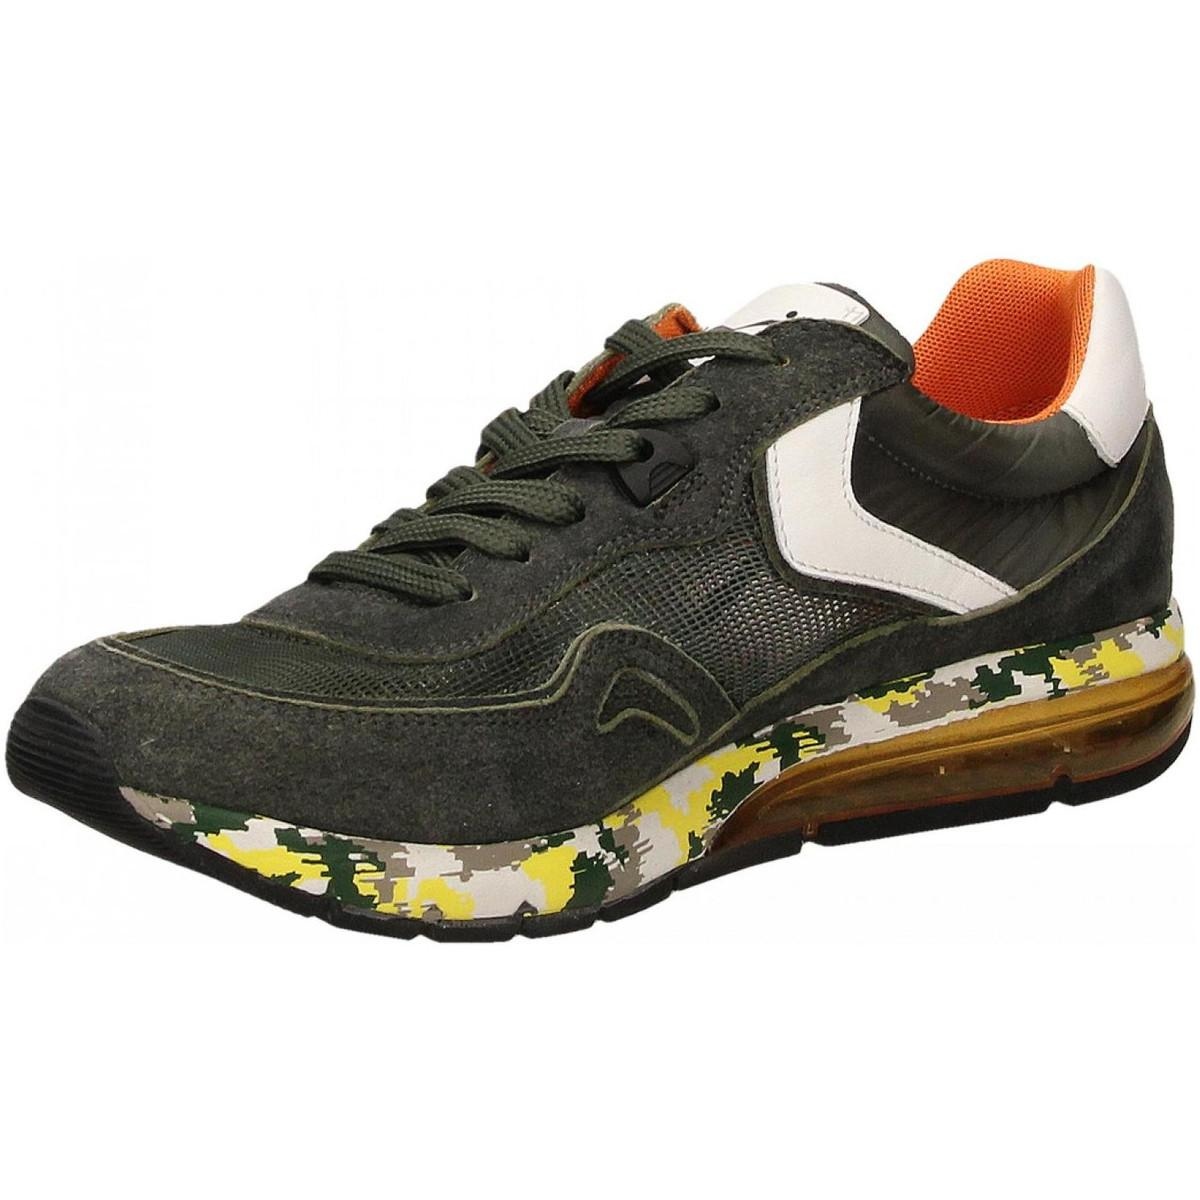 Voile Blanche Lage Sneakers Endavour Mesh voor heren